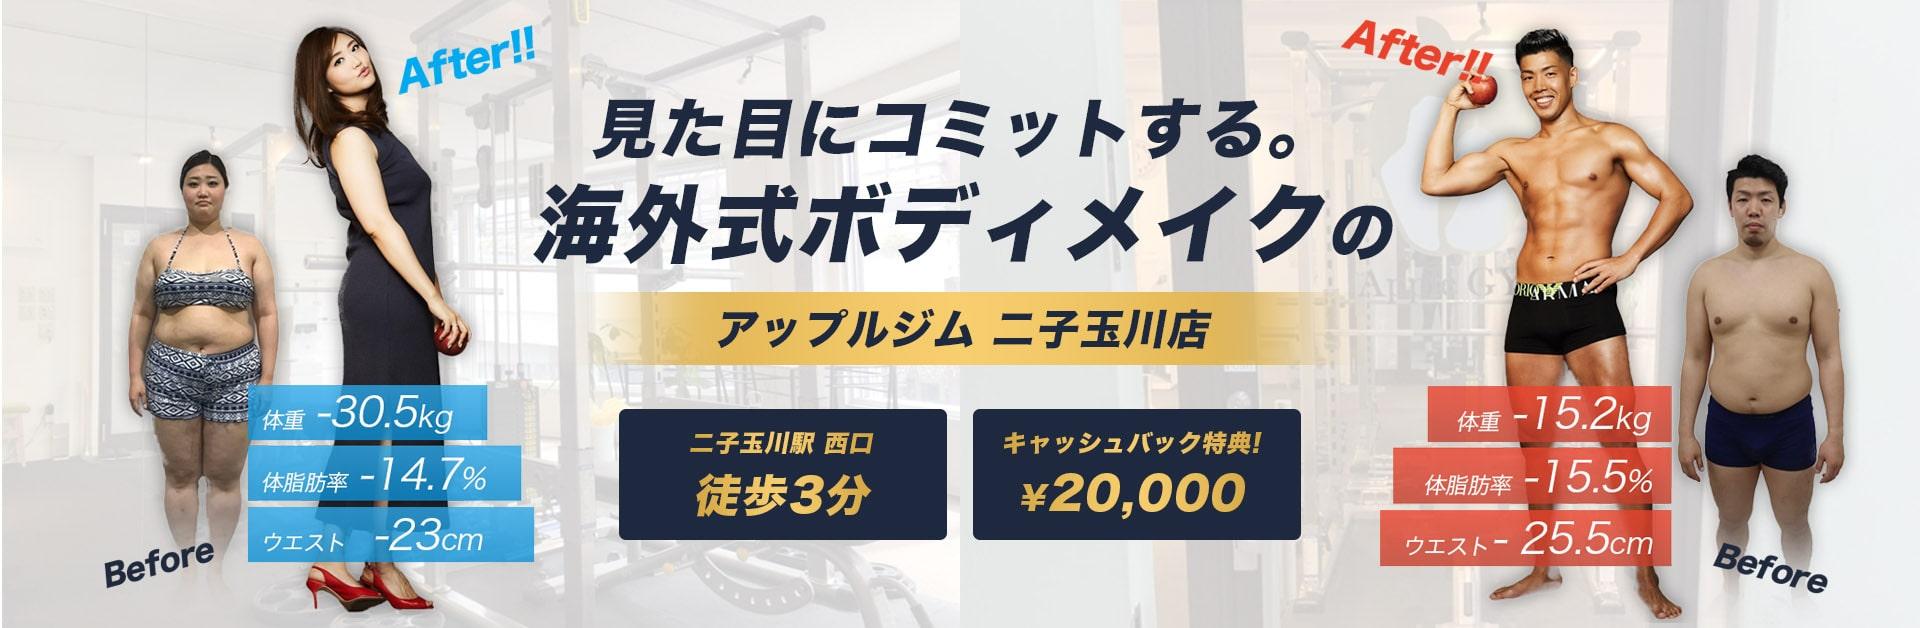 見た目にコミットする。海外式ボディメイクのアップルジム 二子玉川店